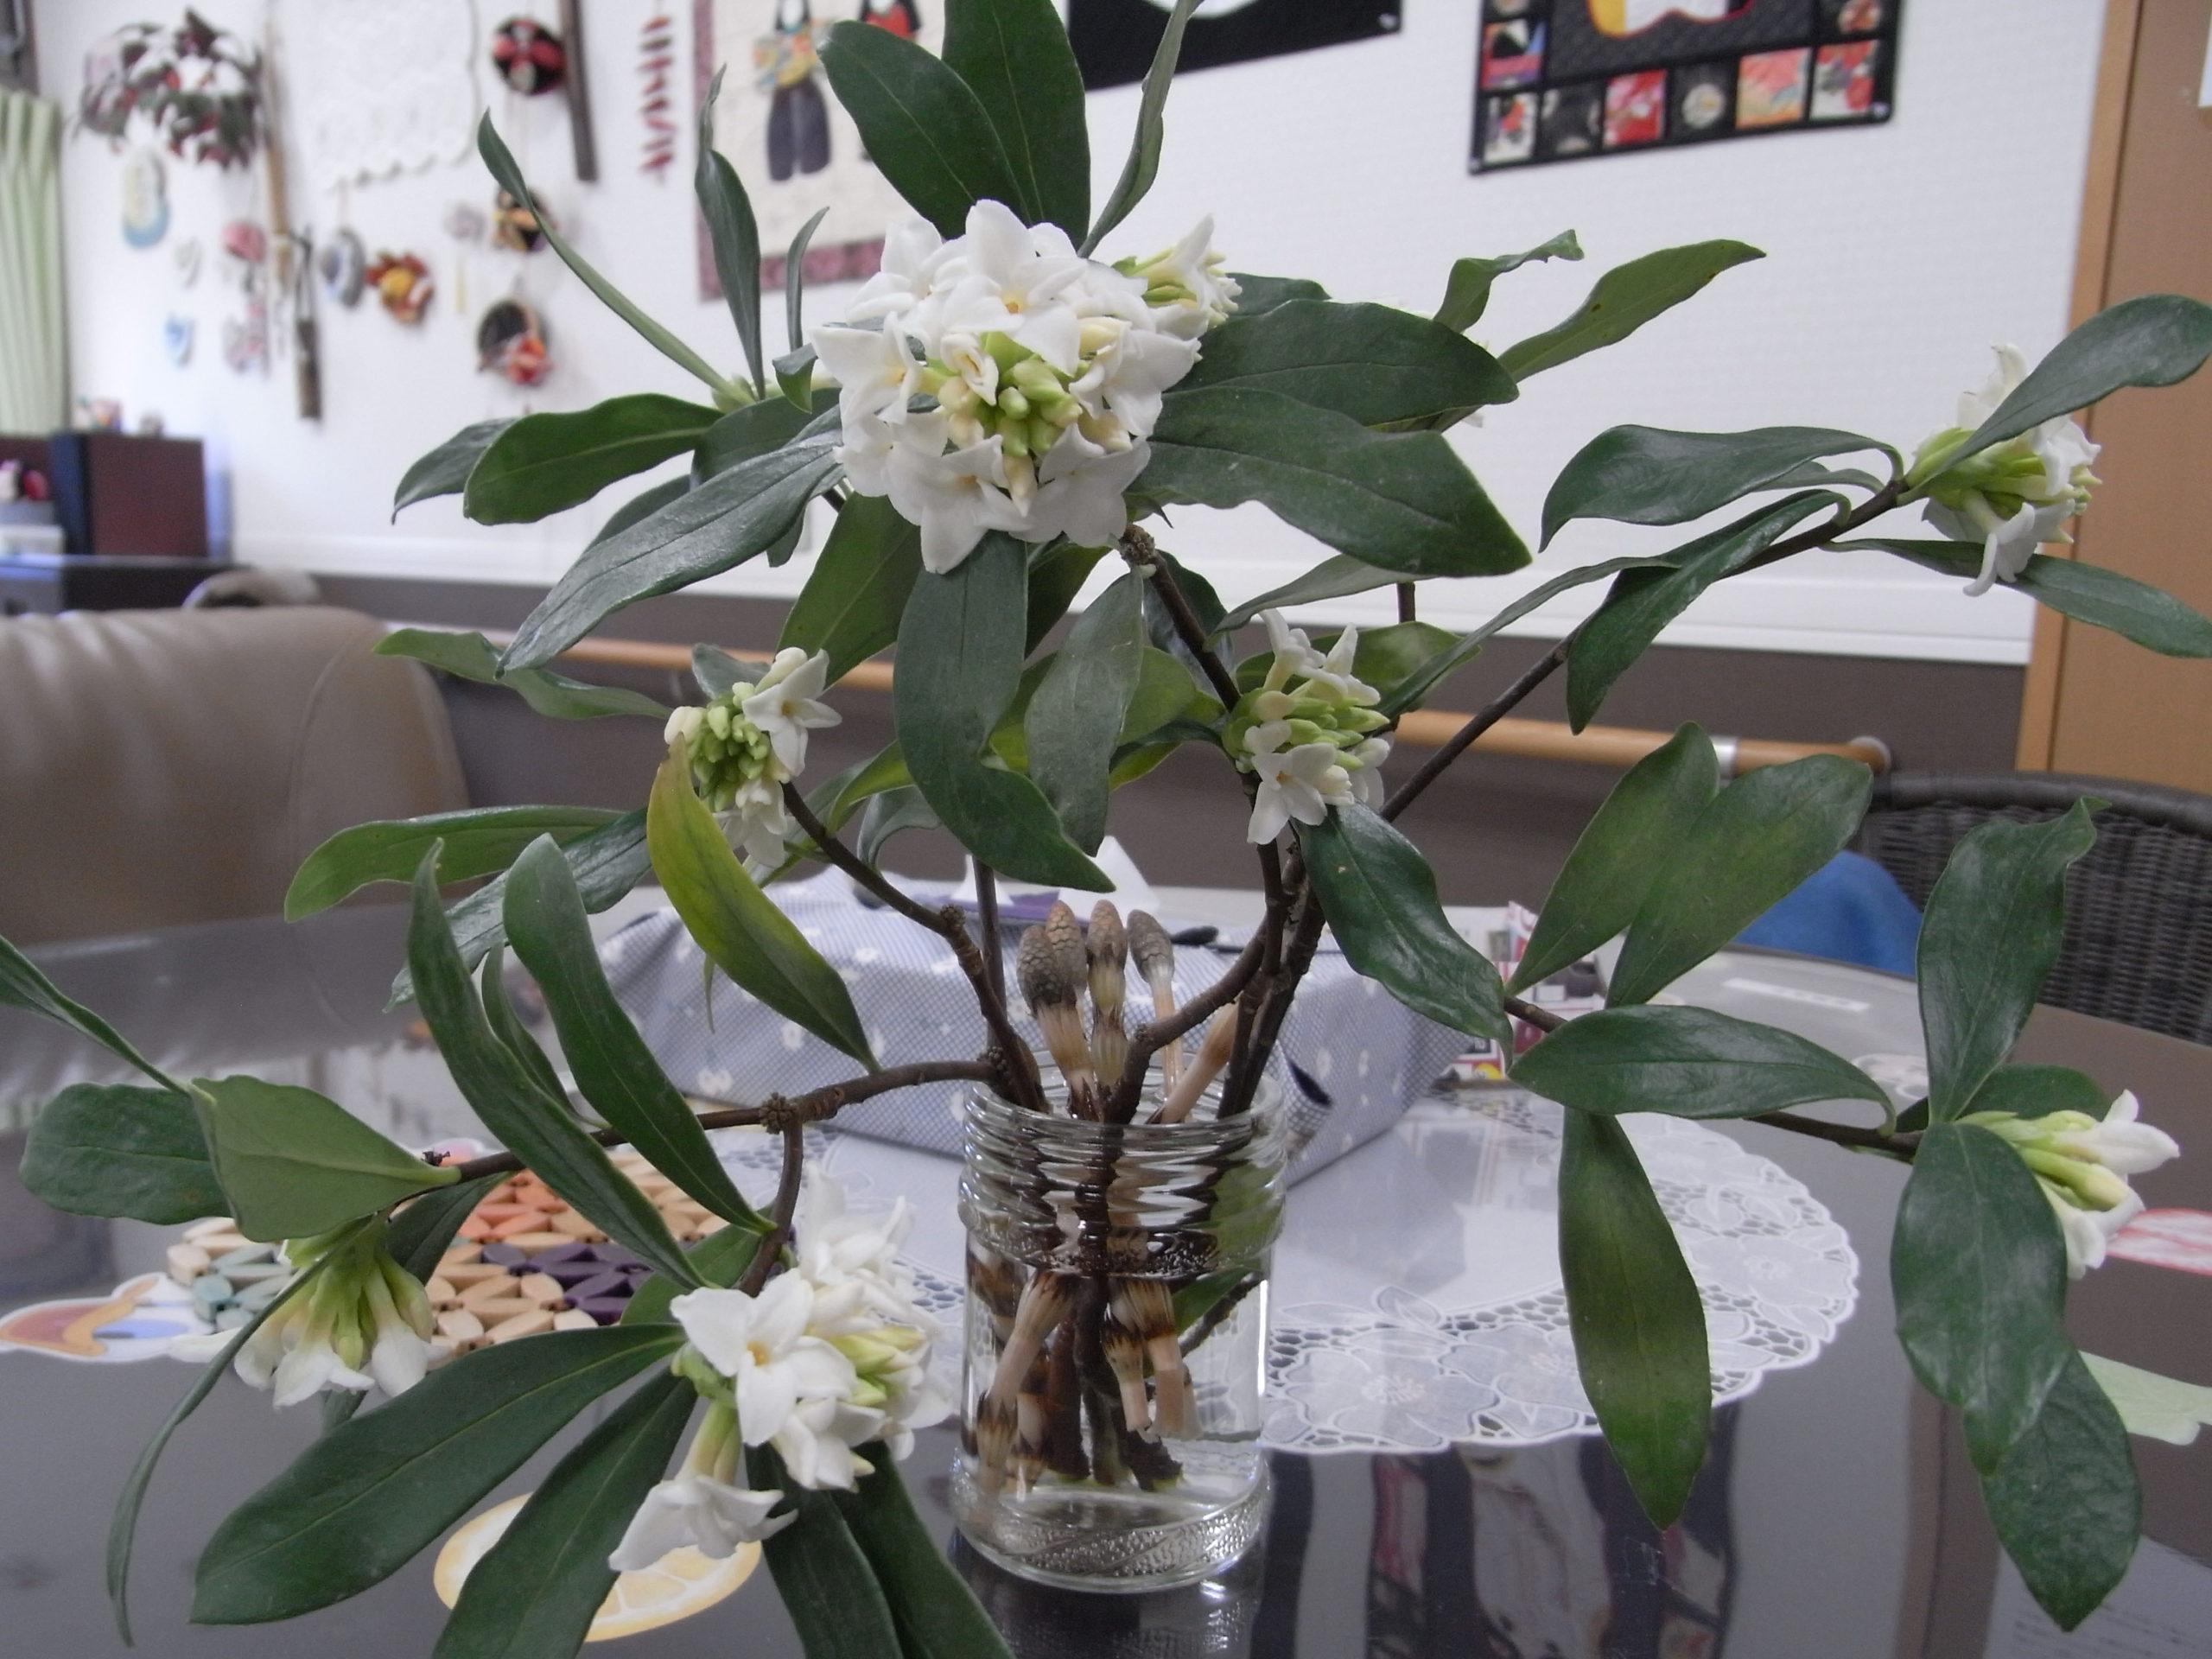 2020年3月「春です!つくしと沈丁花で感激!」